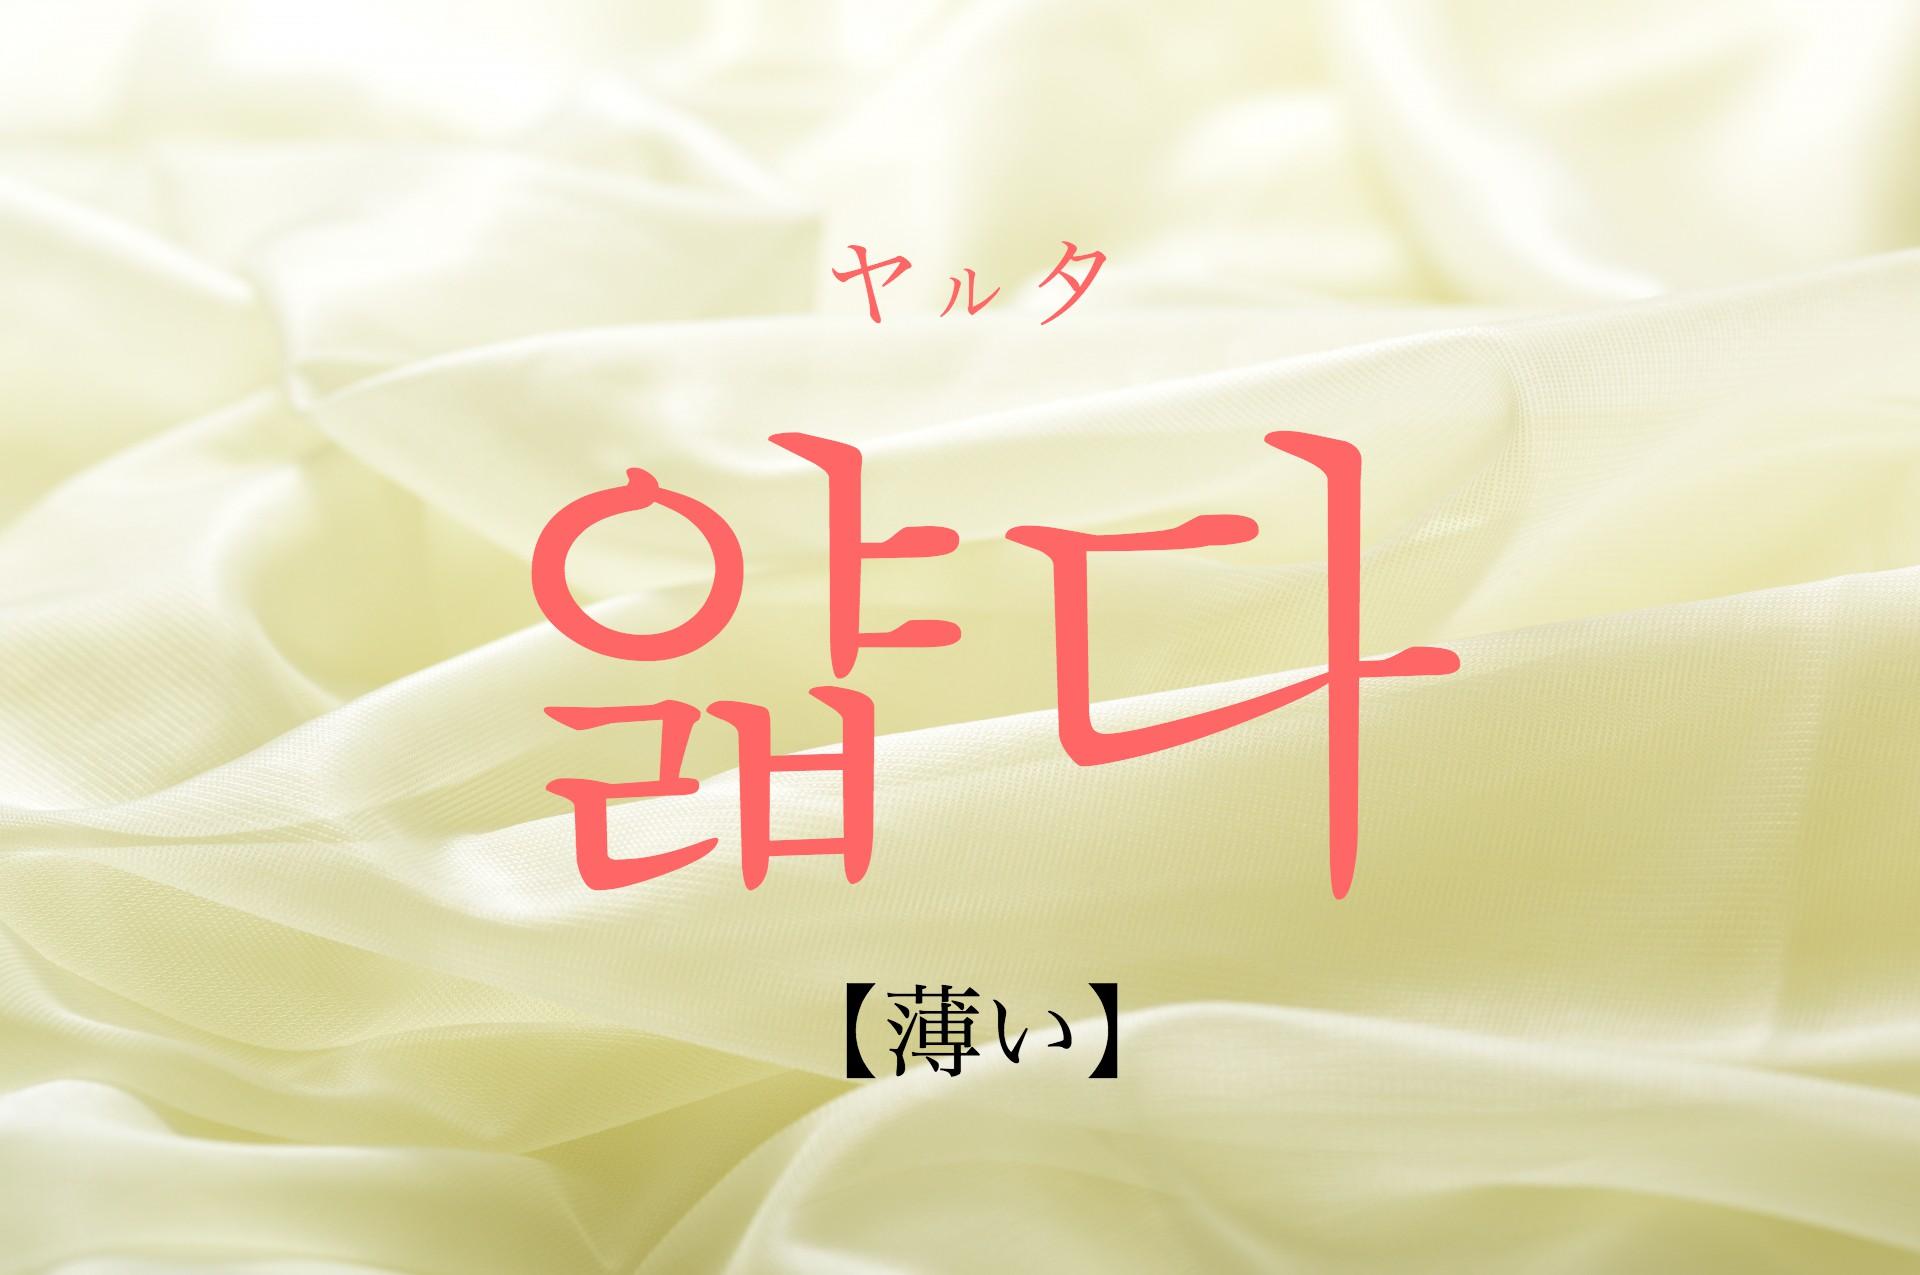 koreanword-thin-layer